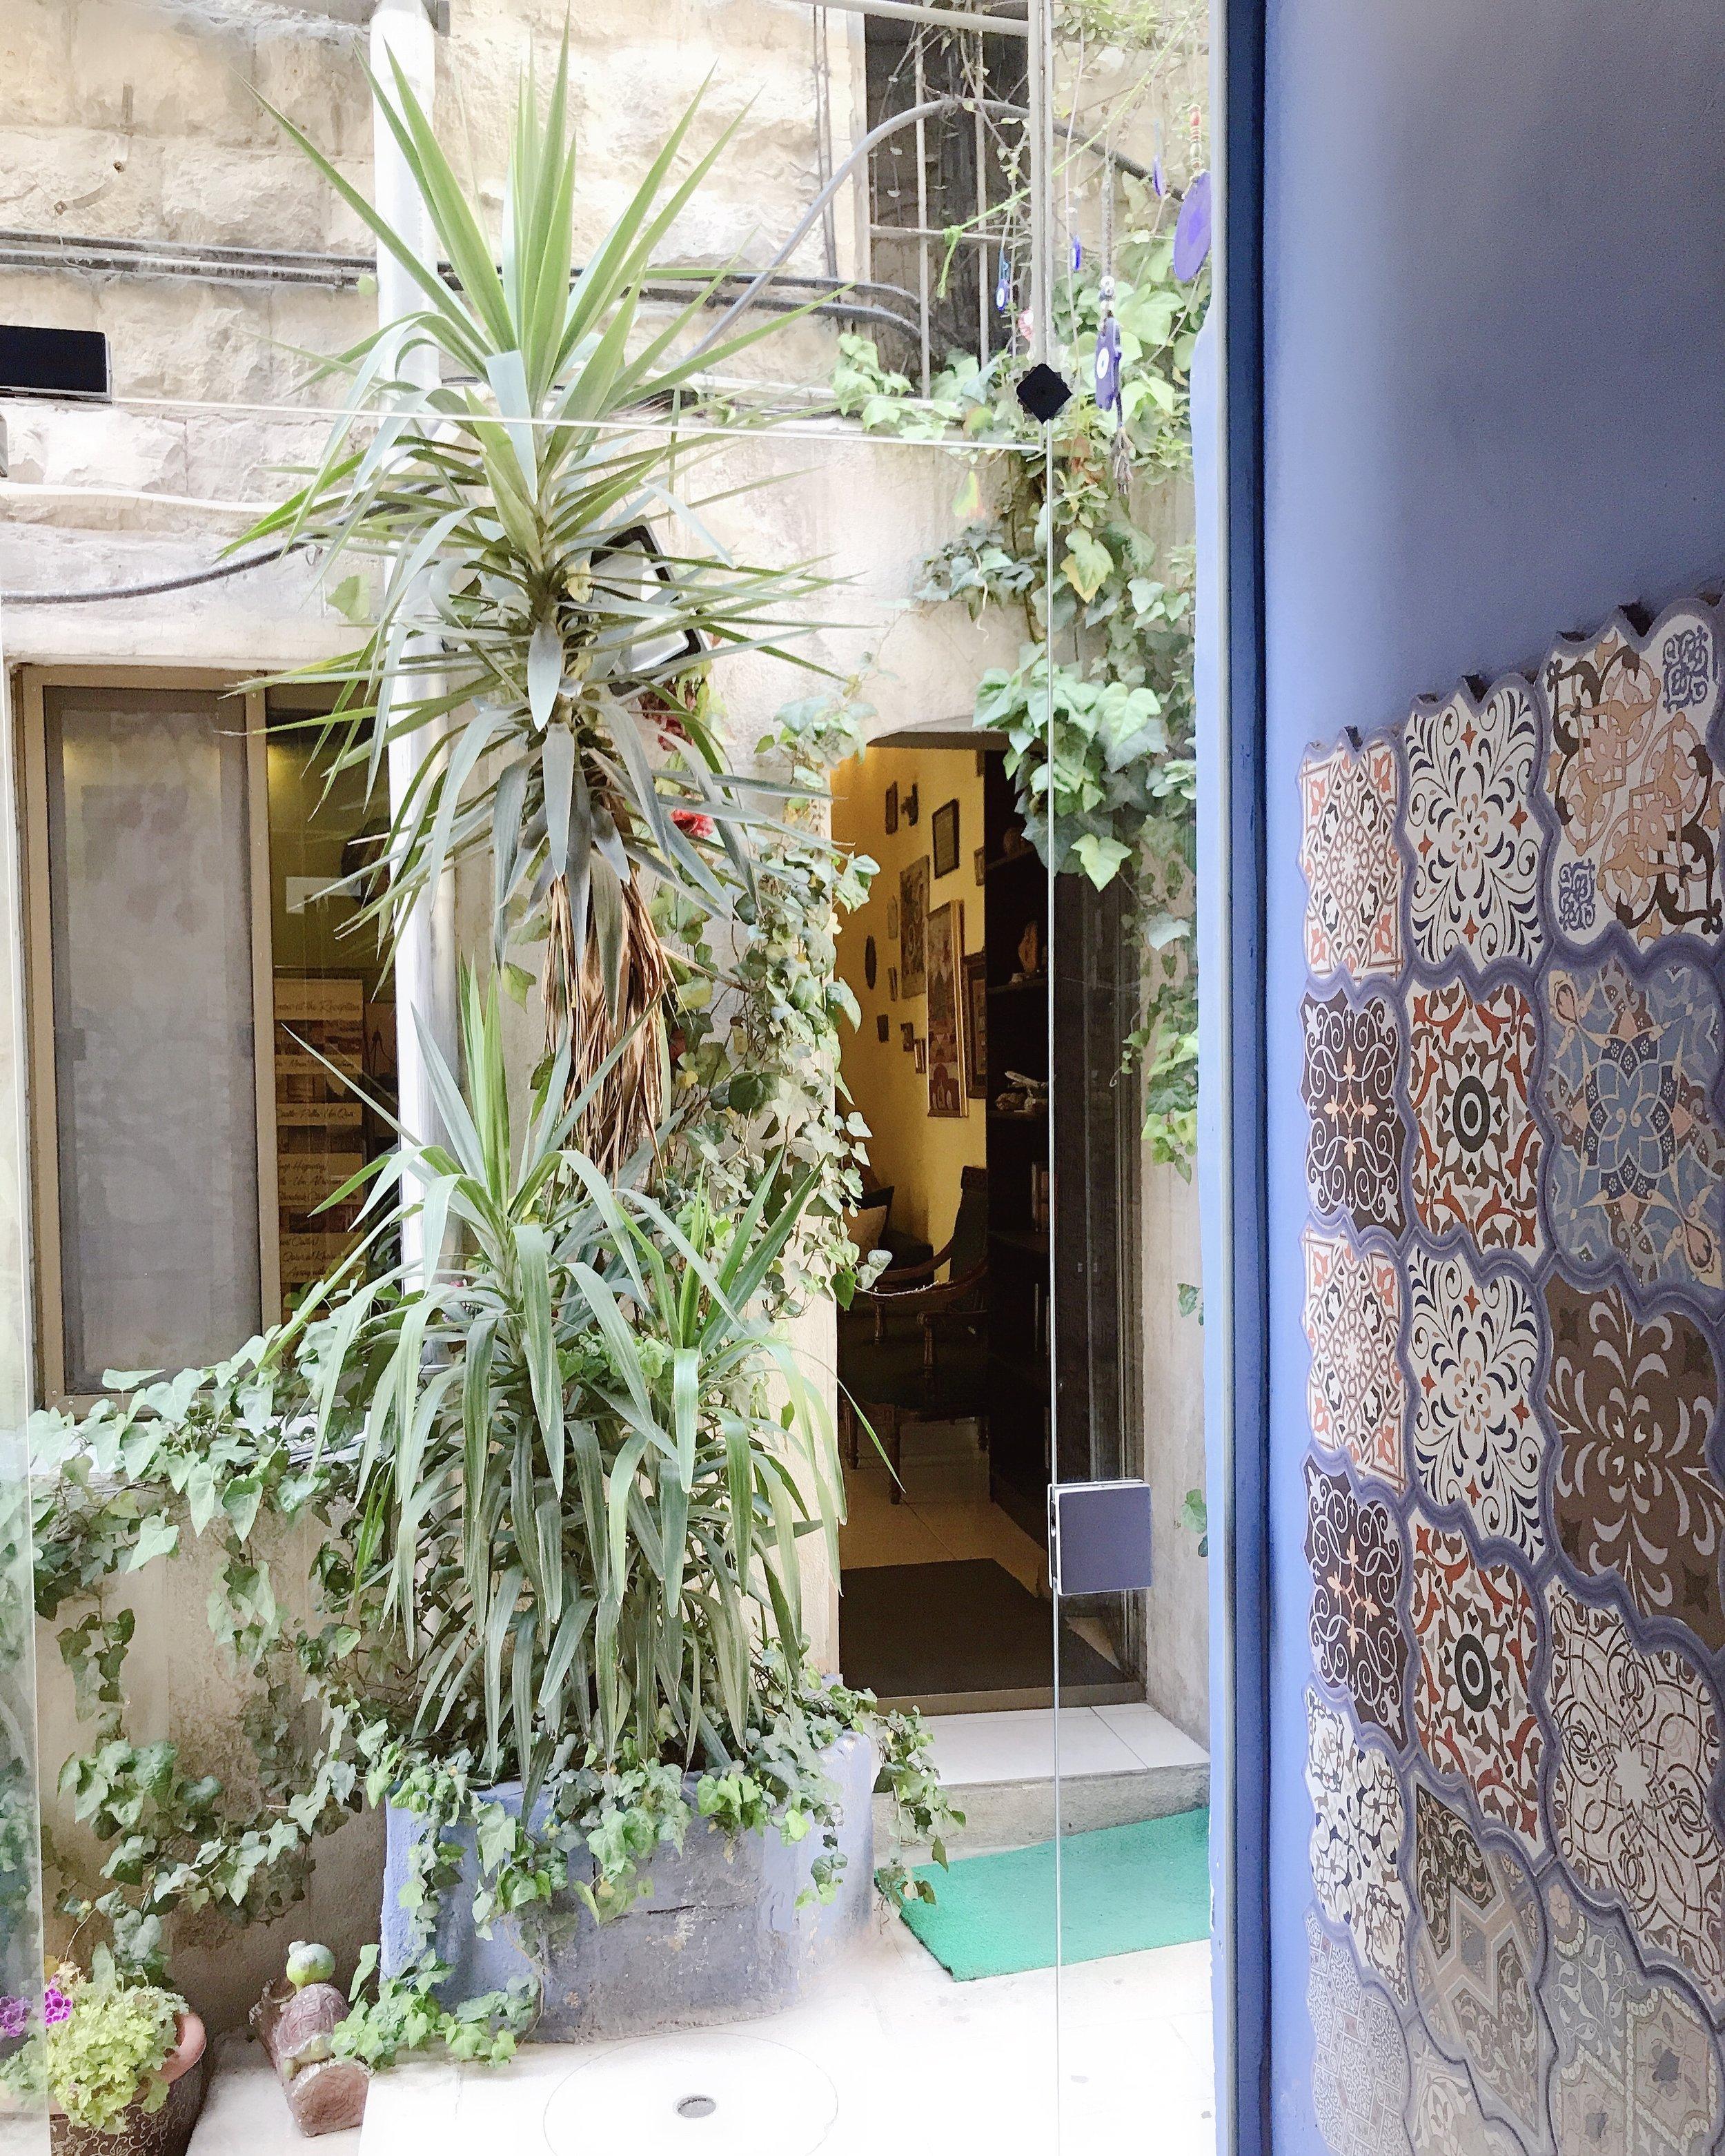 从房间出来,正对面就是旅馆大堂。旅馆很多地方都有伊斯兰风格的瓷砖装饰。